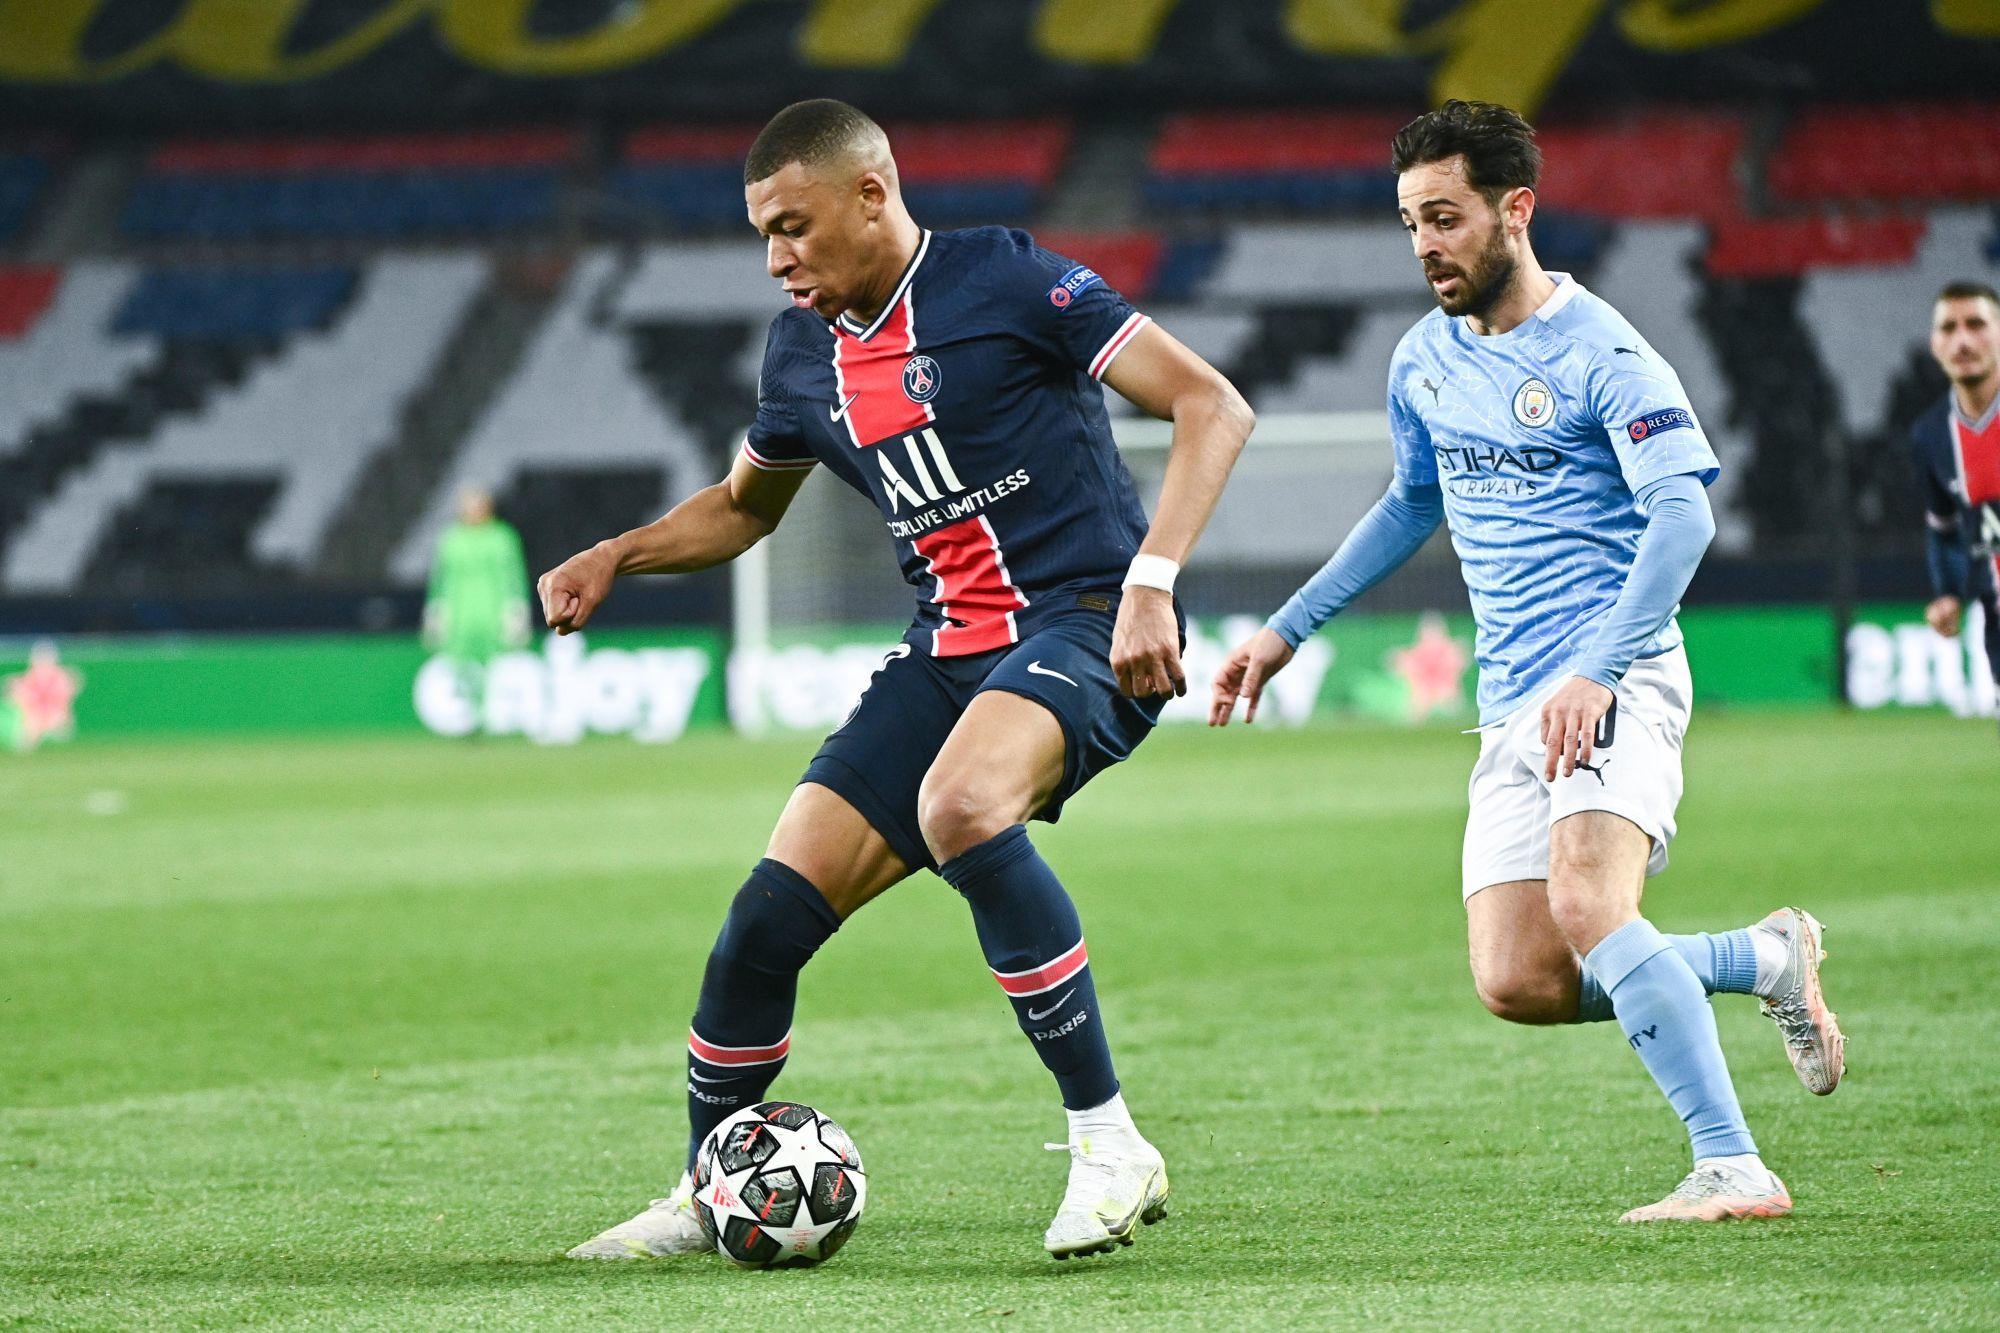 """City/PSG - Mbappé titulaire ou non, """"la décision est difficile"""" souligne Domenech"""